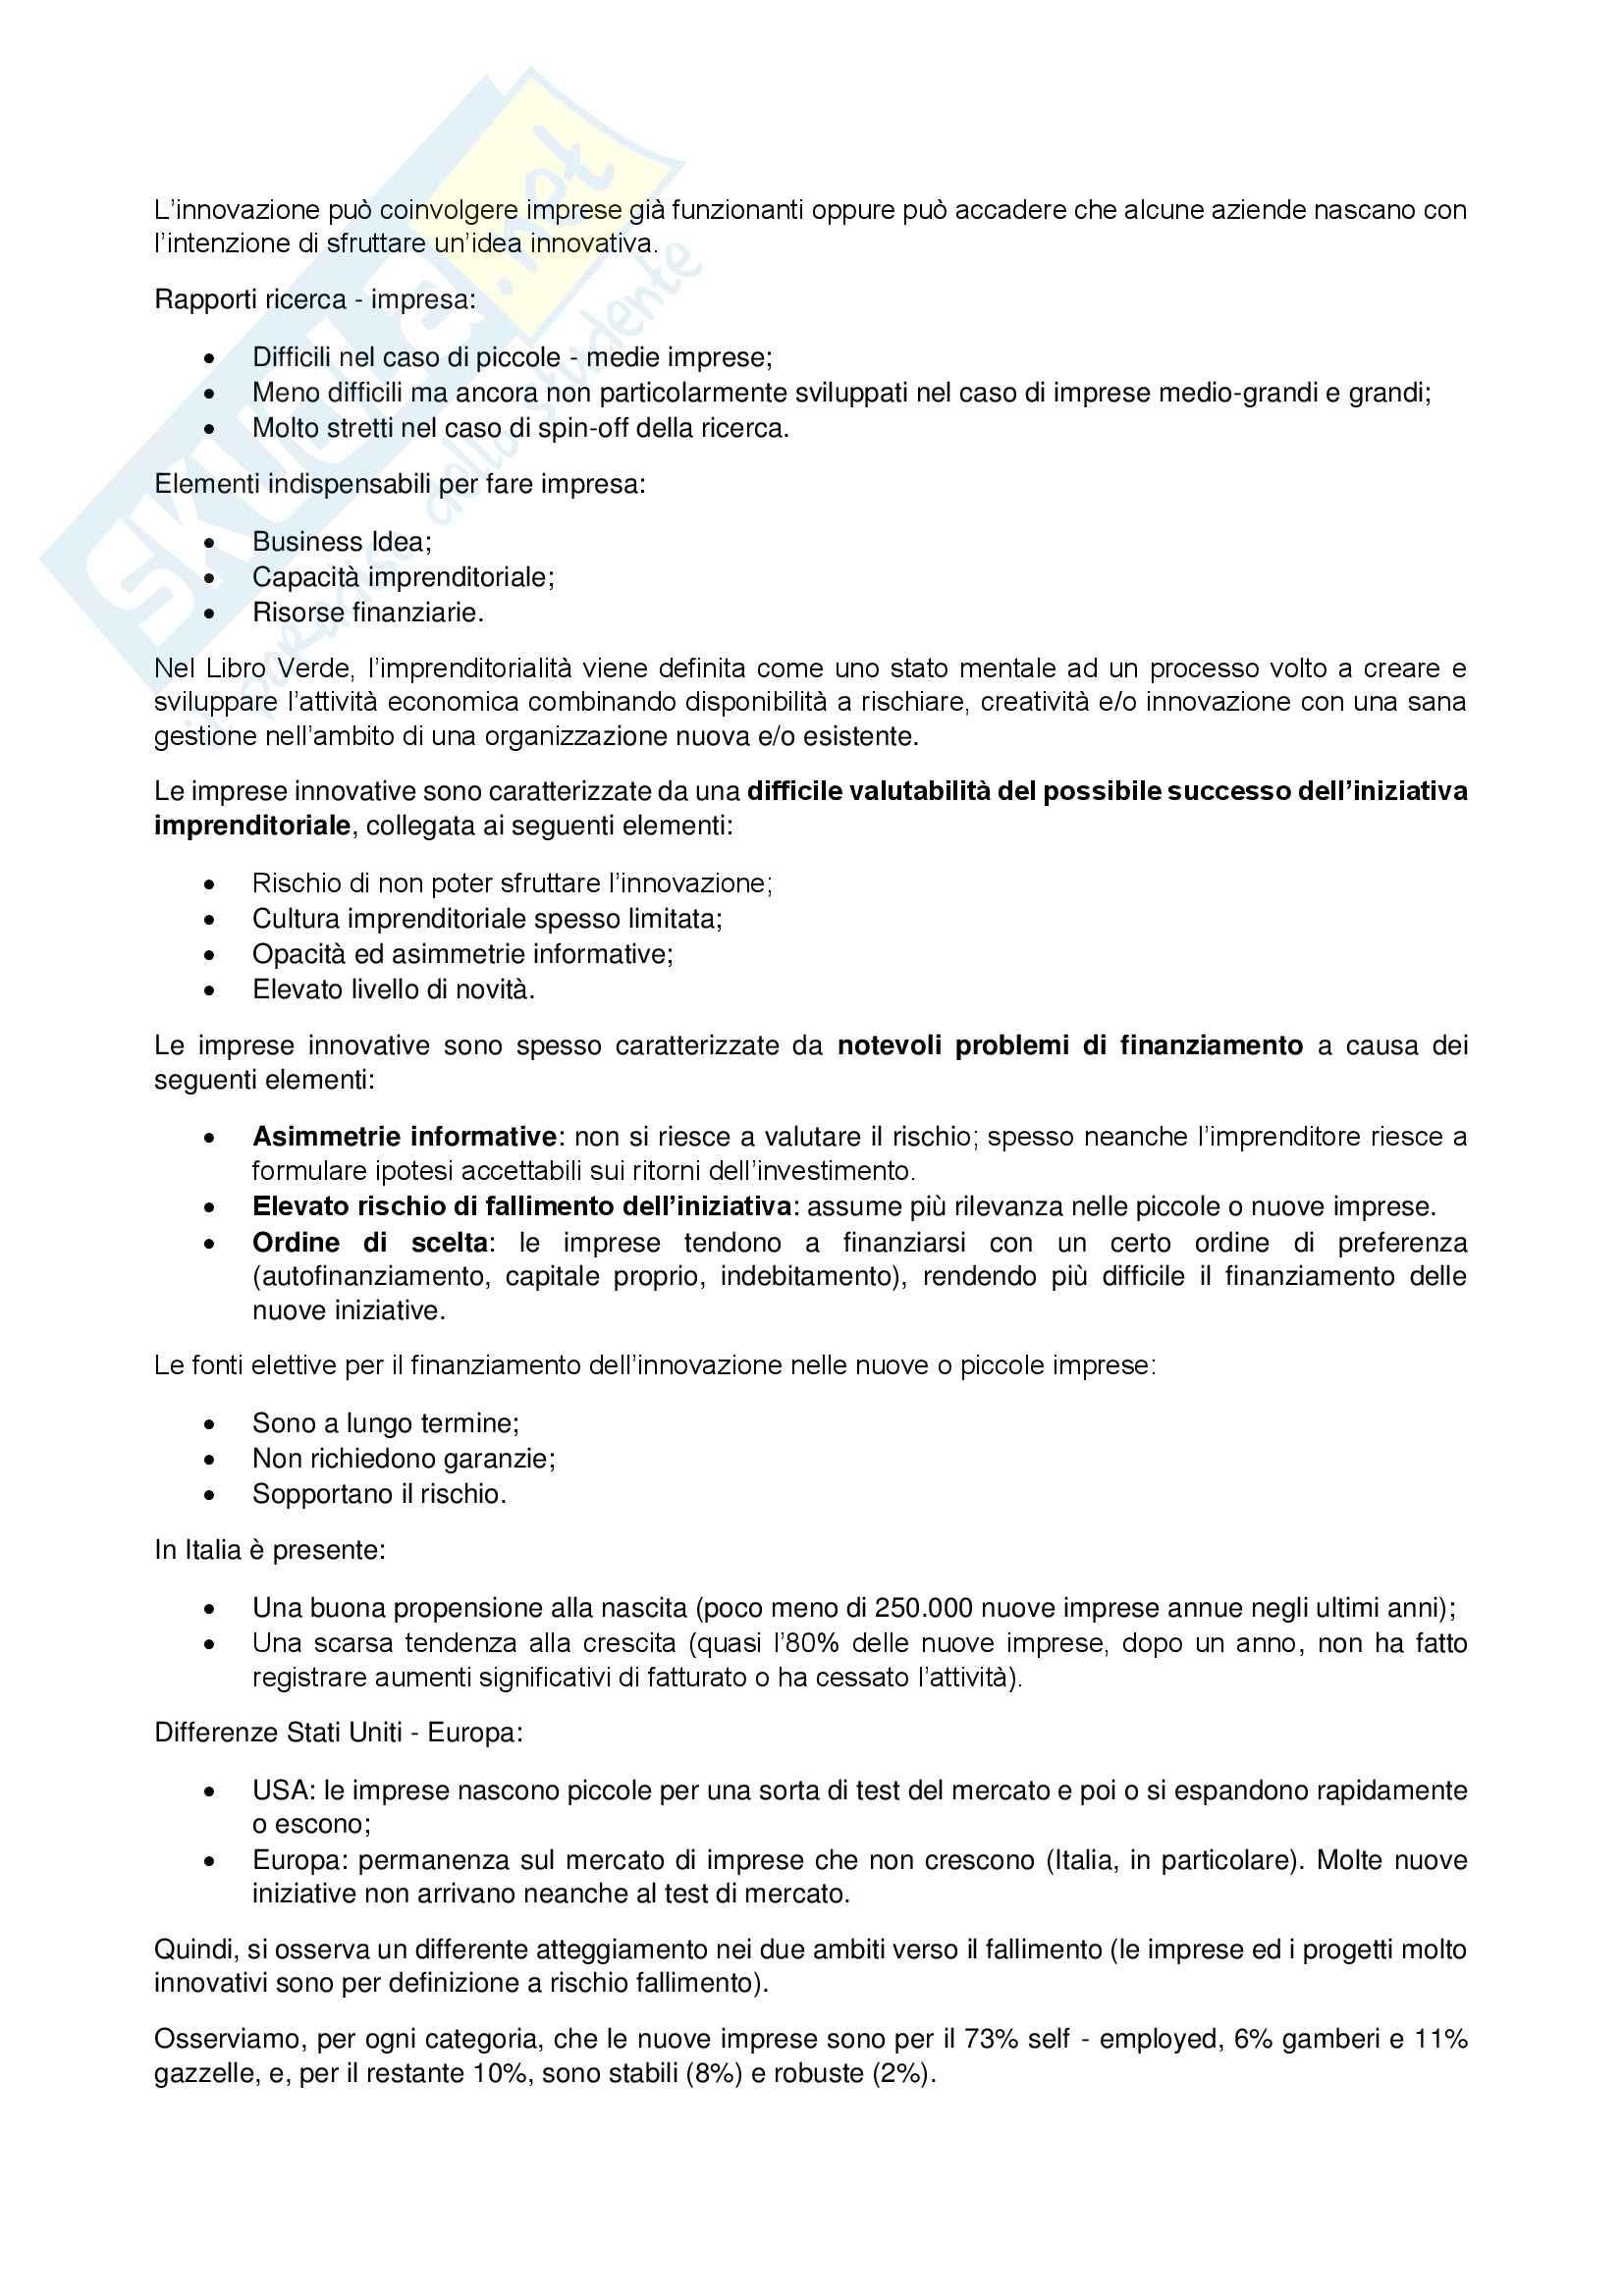 Riassunti finanza aziendale corso progredito - Unipi Pag. 46